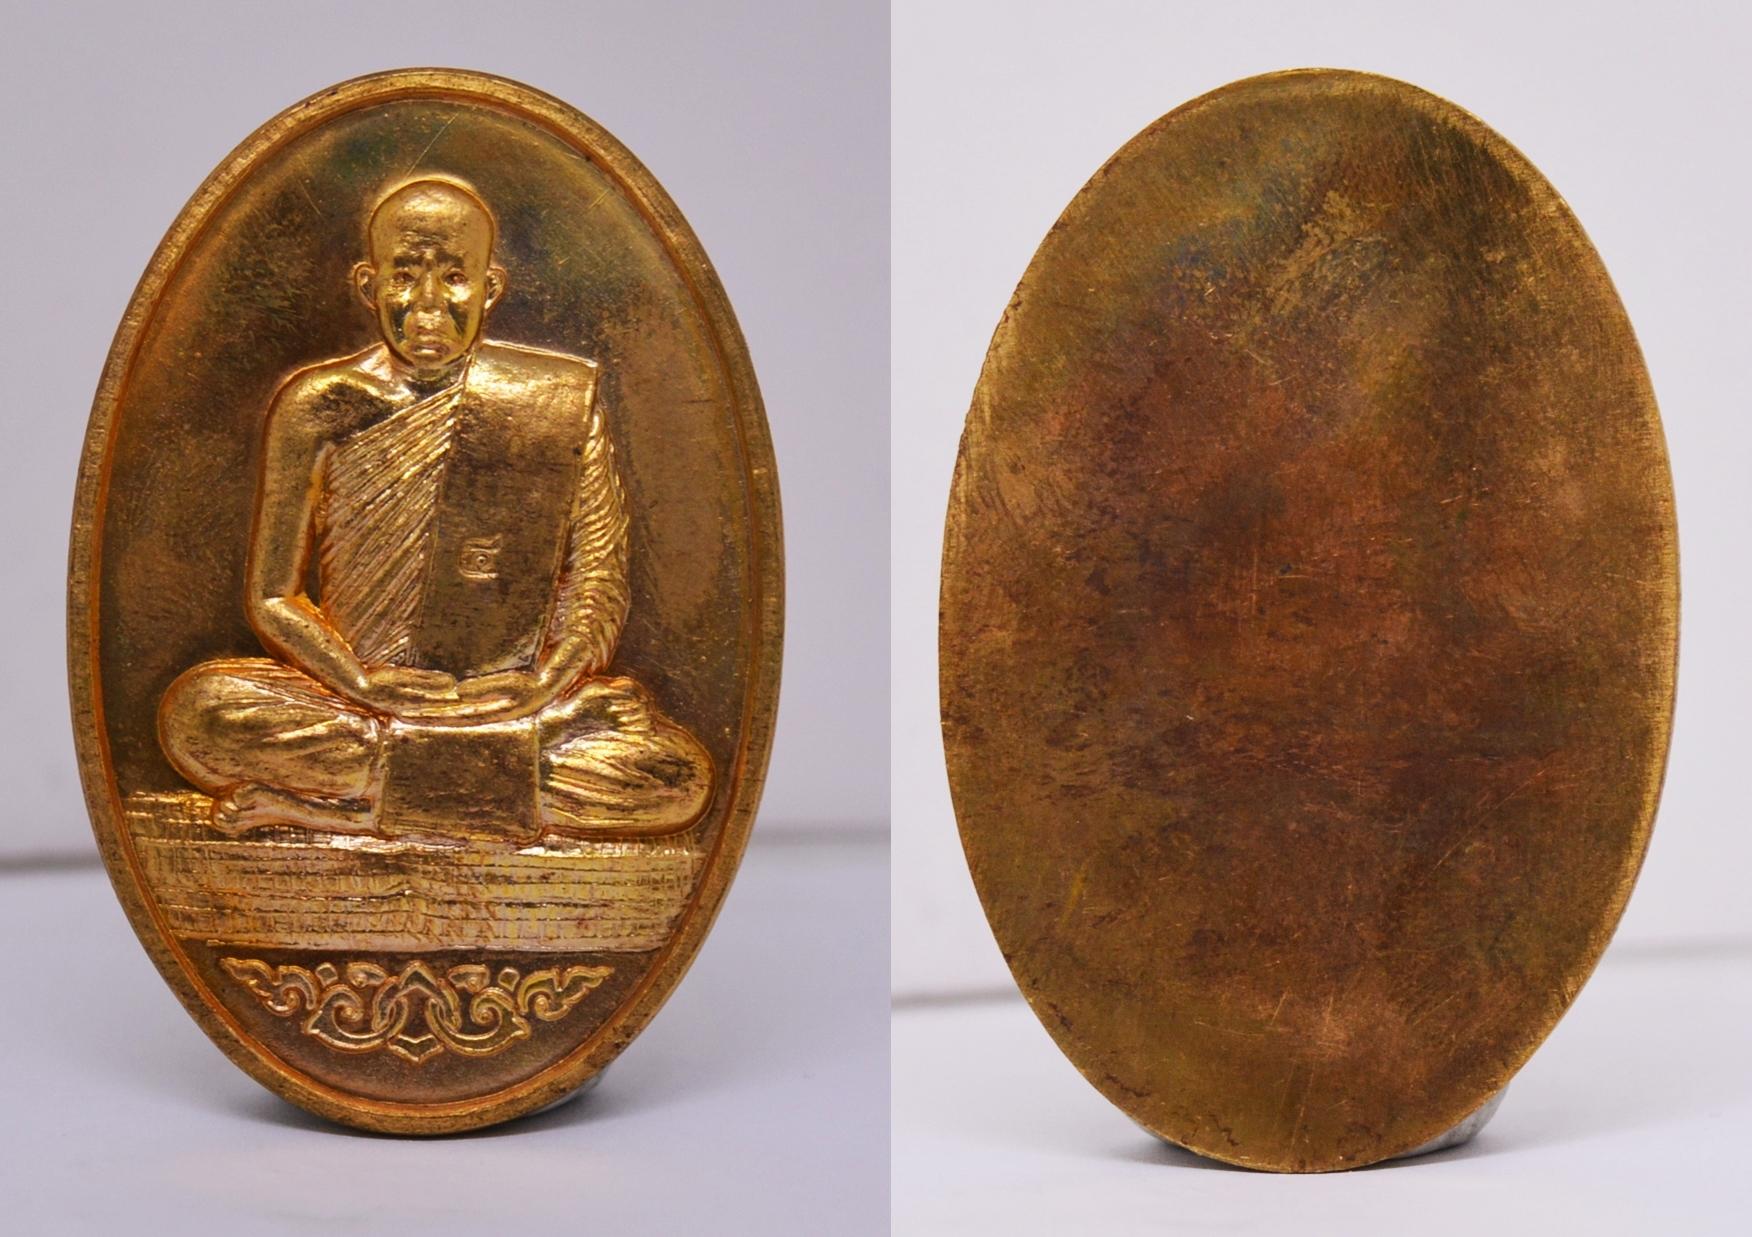 เหรียญ หลวงพ่อชำนาญ วัดบางกุฎีทอง ปทุมธานี 2552